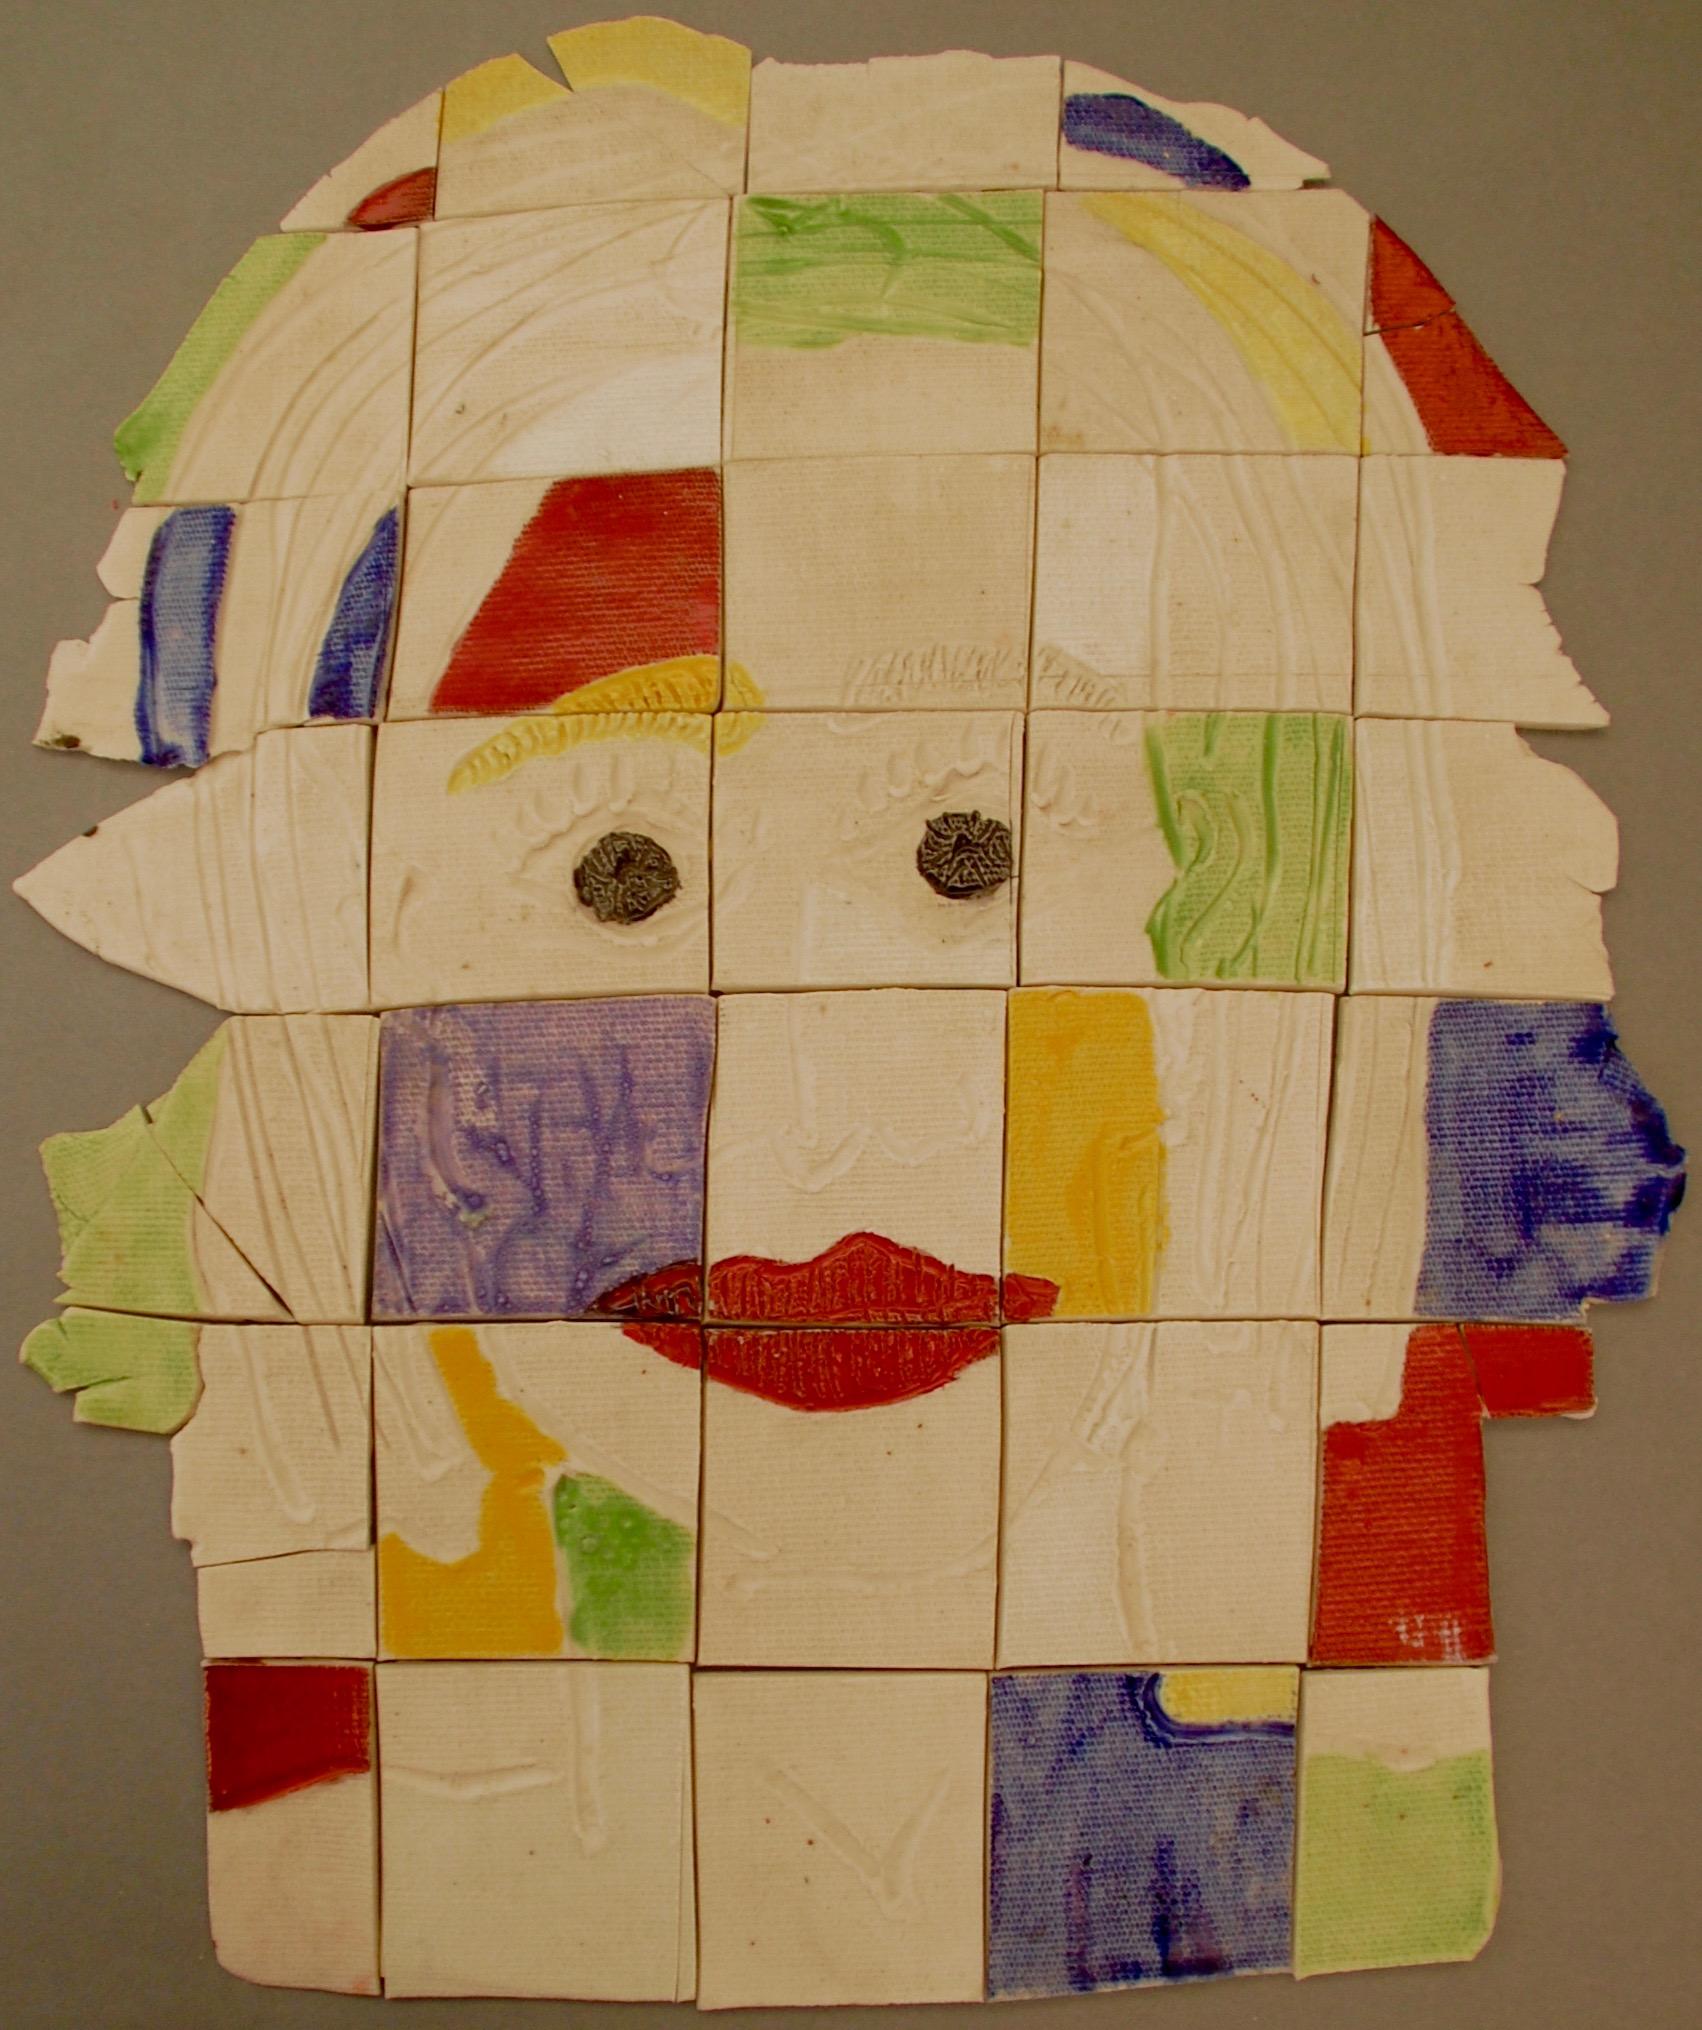 Head of a woman porcelain puzzle, 1999